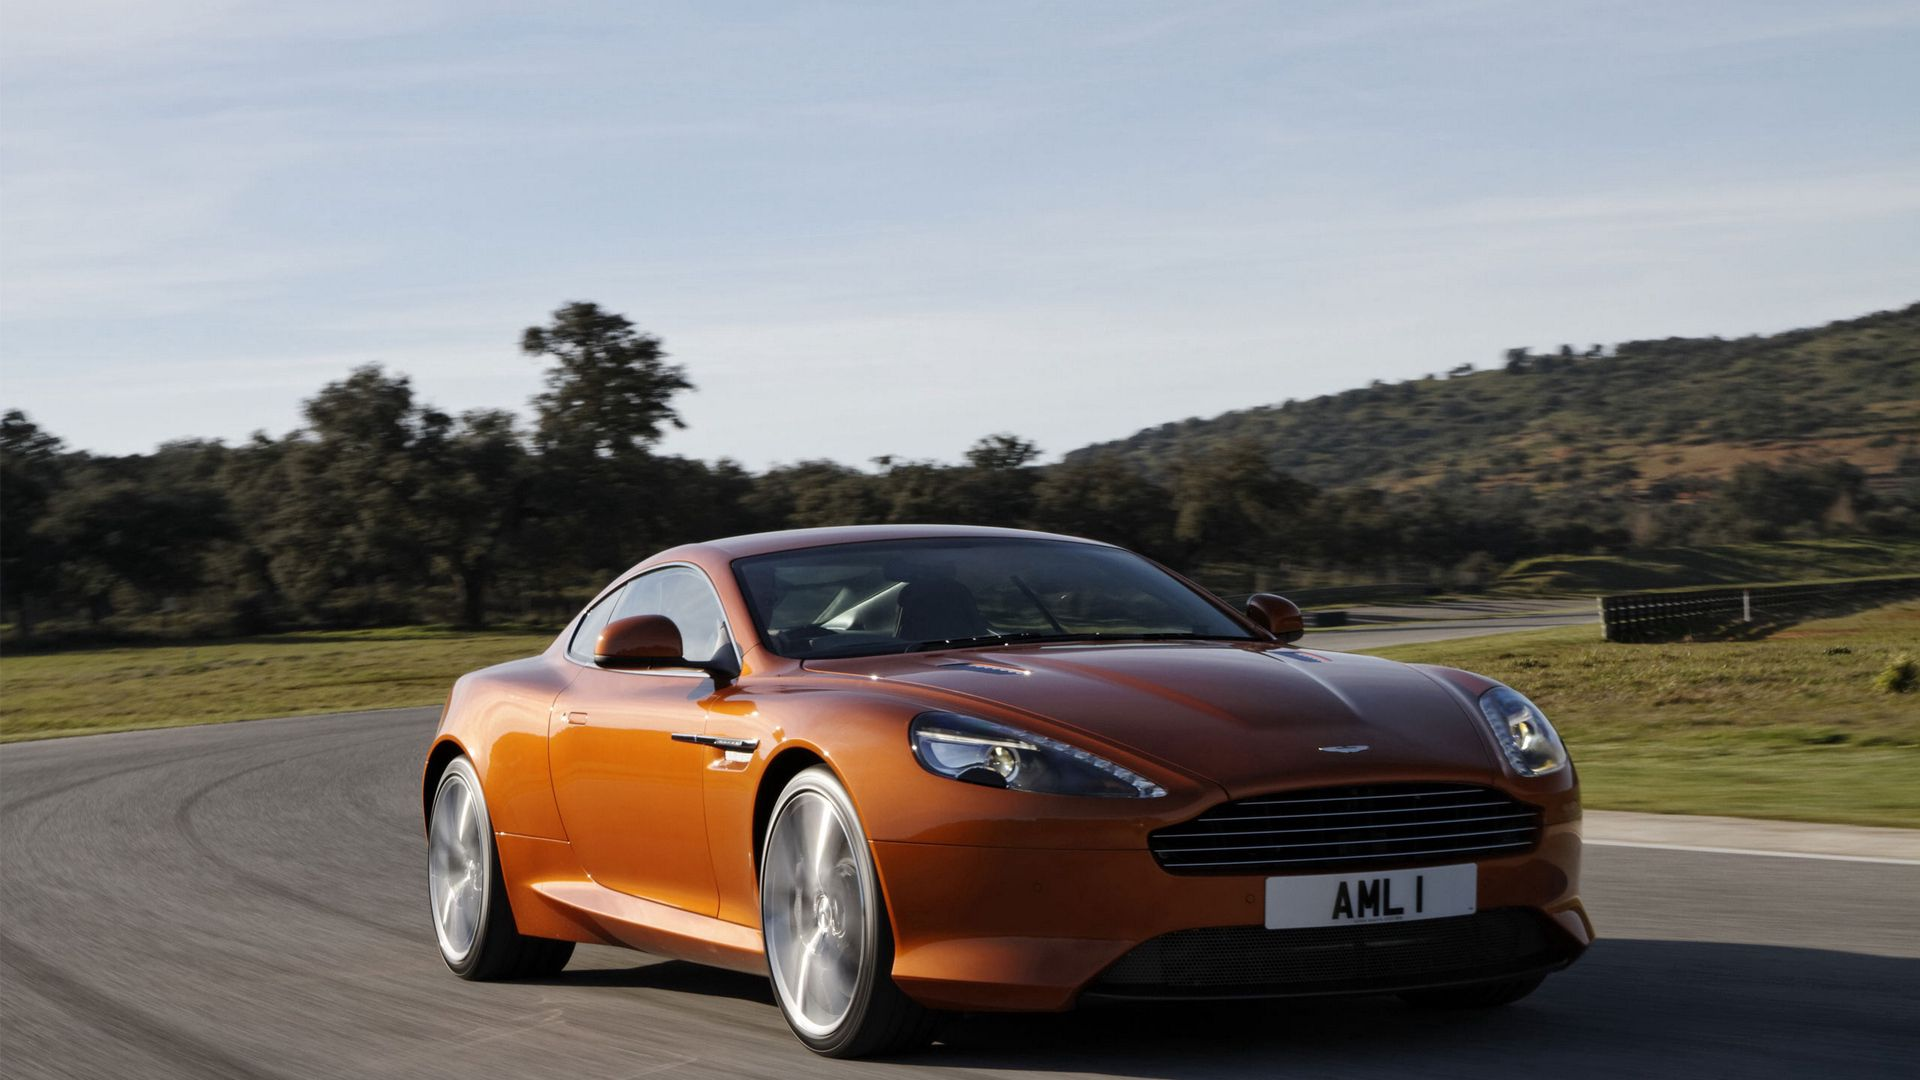 128527 Заставки и Обои Астон Мартин (Aston Martin) на телефон. Скачать Астон Мартин (Aston Martin), Тачки (Cars), Вид Сбоку, Virage картинки бесплатно